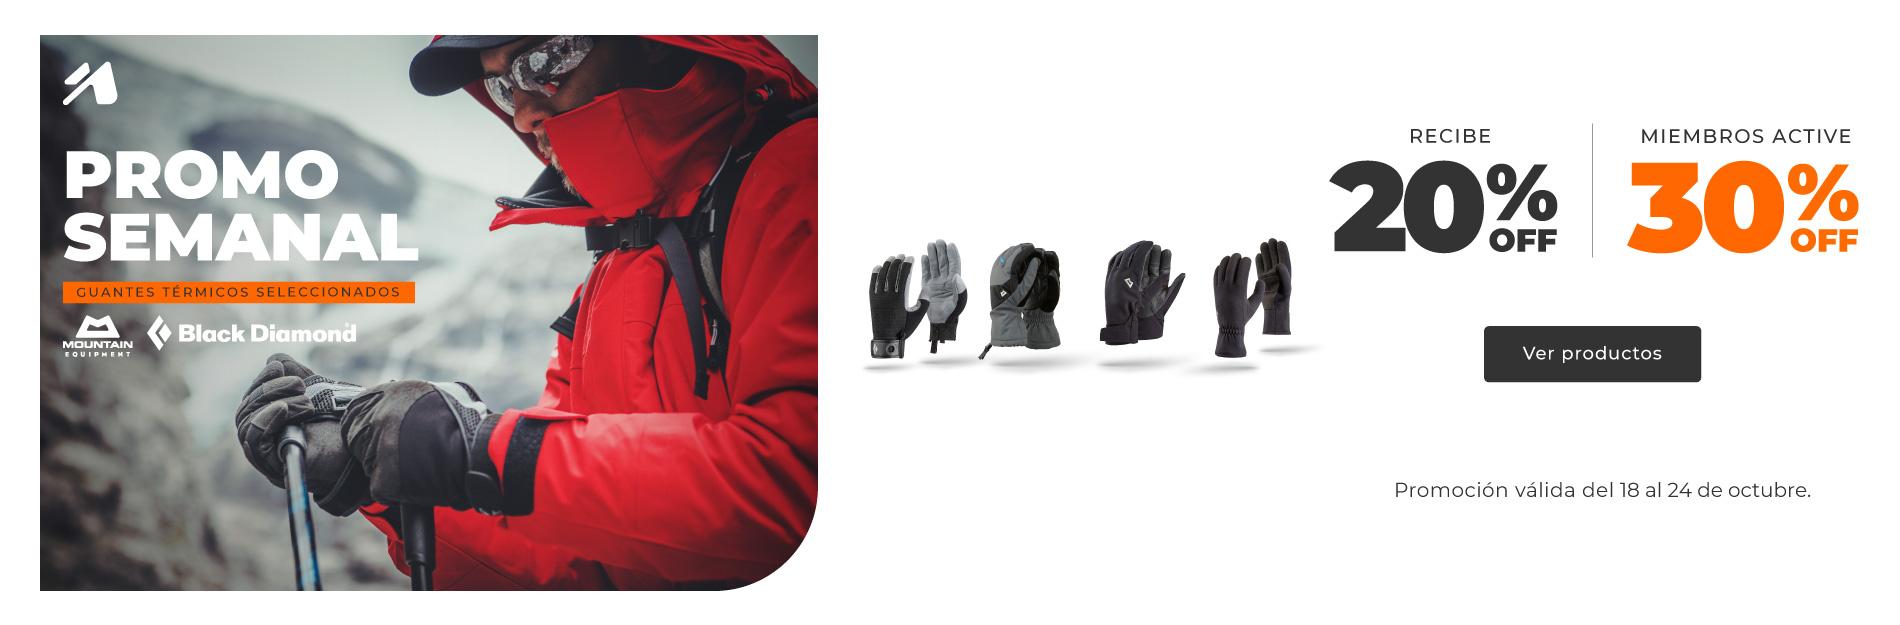 Promo semanal Chile: guantes térmicos seleccionados.